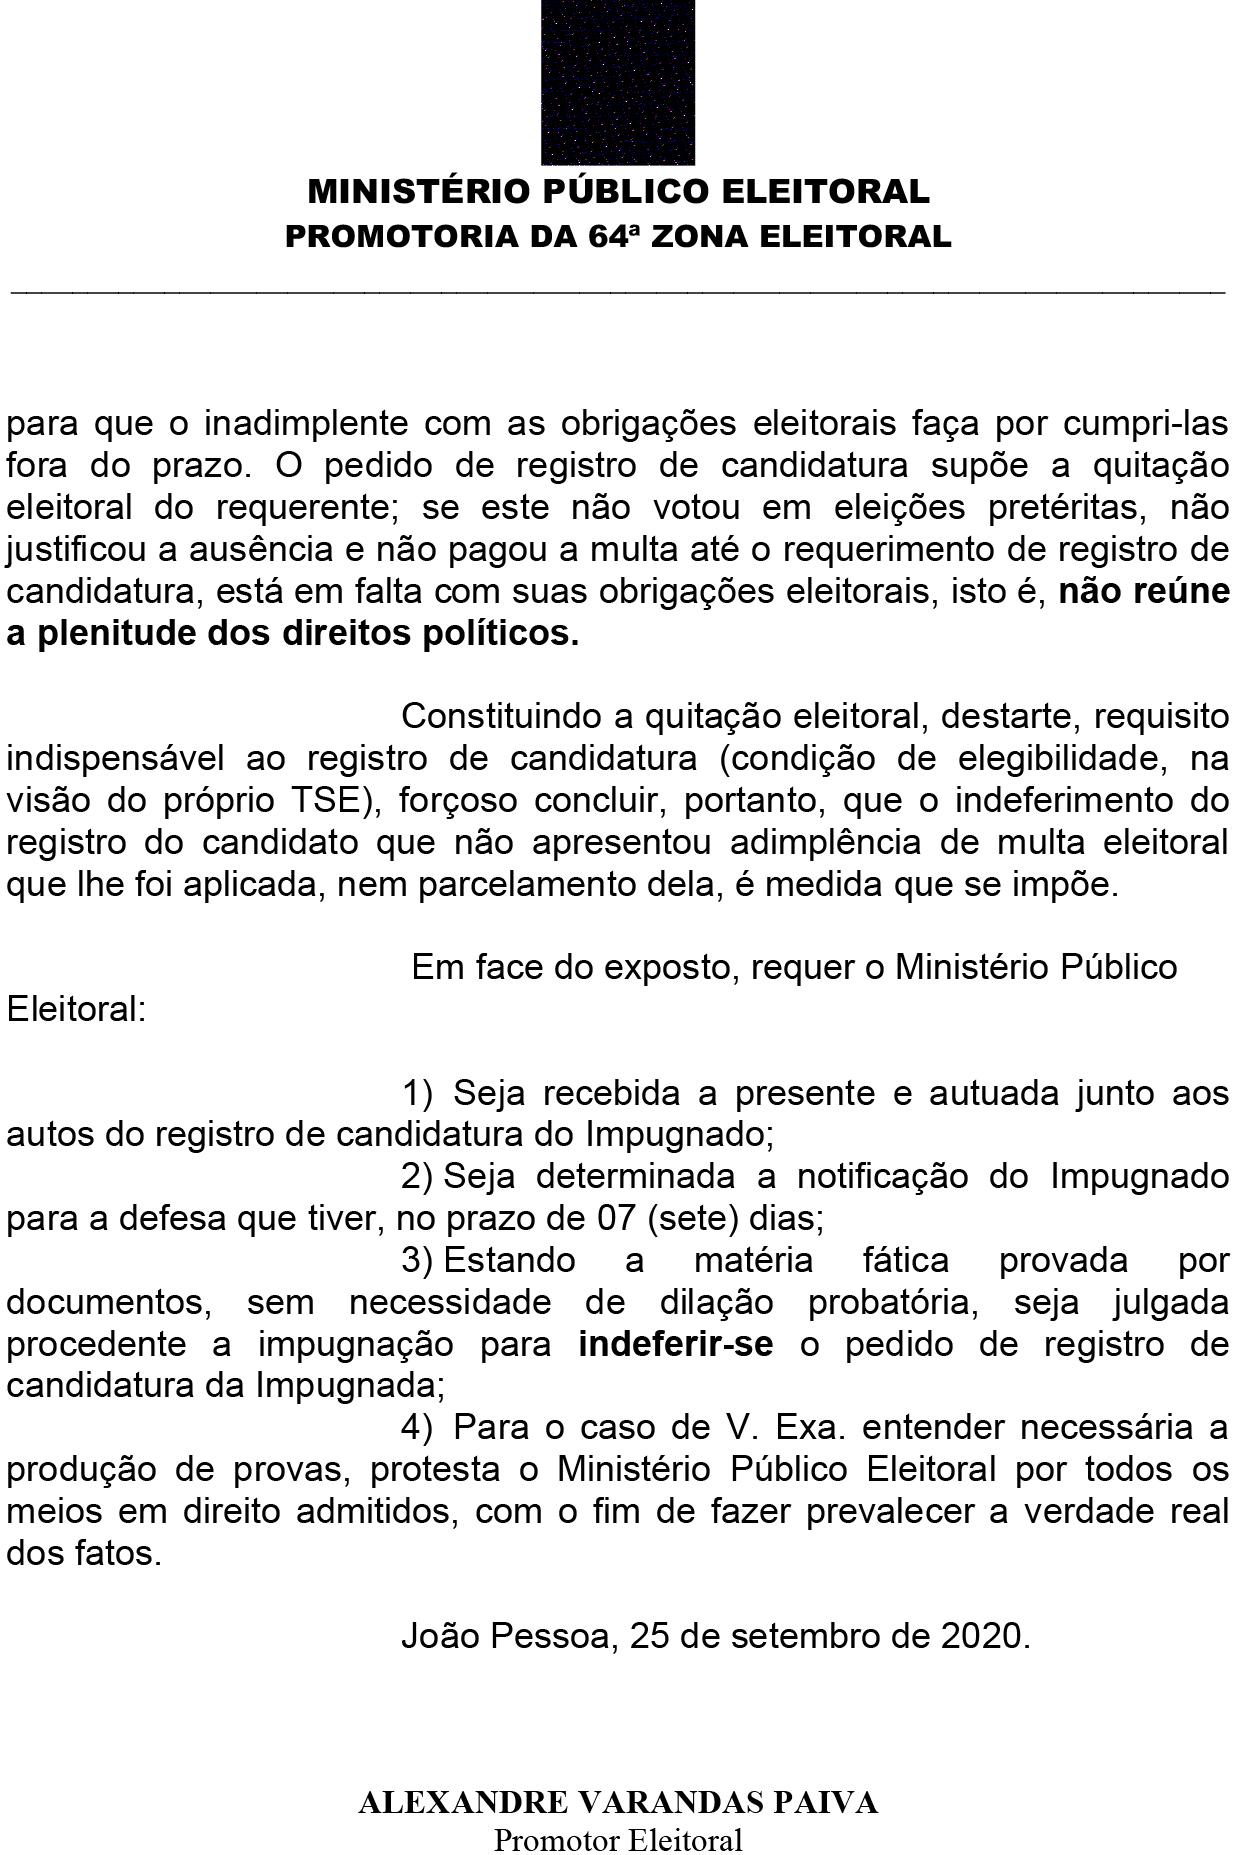 airc_ricardo_coutinho_1-3 Ministério Público da Paraíba pede impugnação da candidatura de Ricardo Coutinho a prefeito de João Pessoa